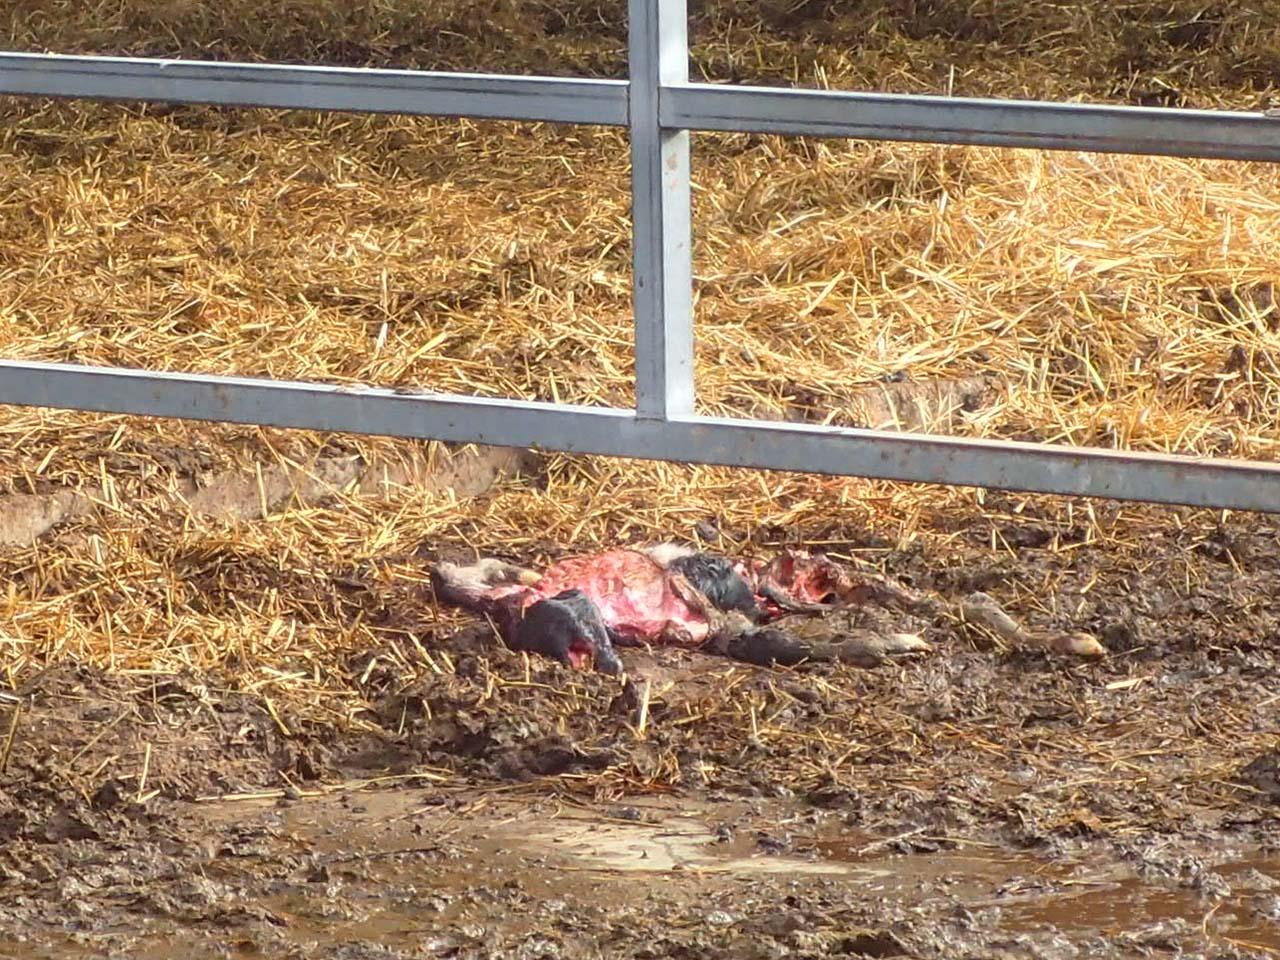 ホルスタイン子牛の死骸 キタキツネ被害